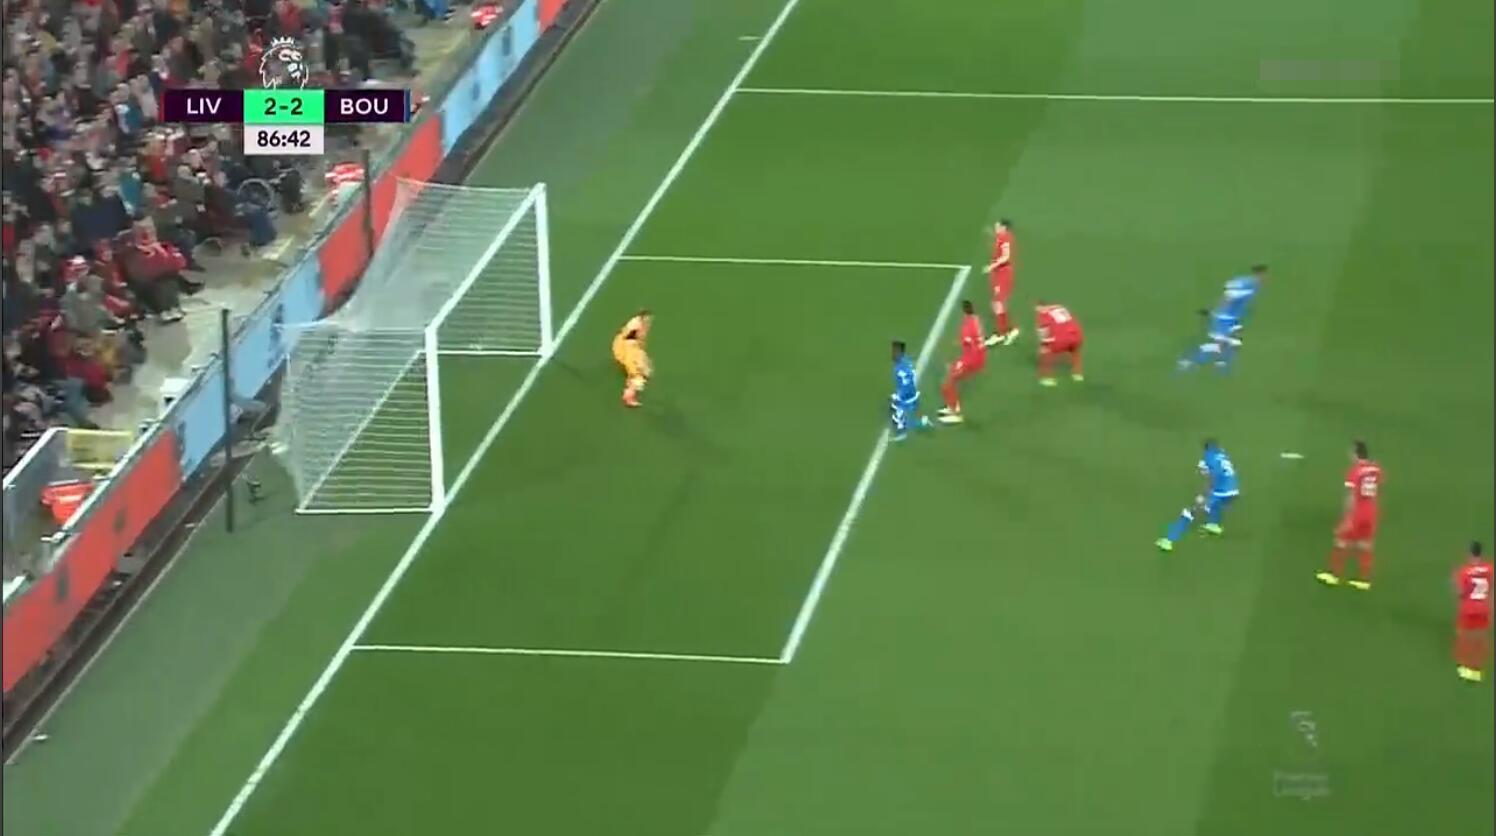 英超-铁腰送礼兽锋87分钟救主_利物浦2-2伯恩茅斯